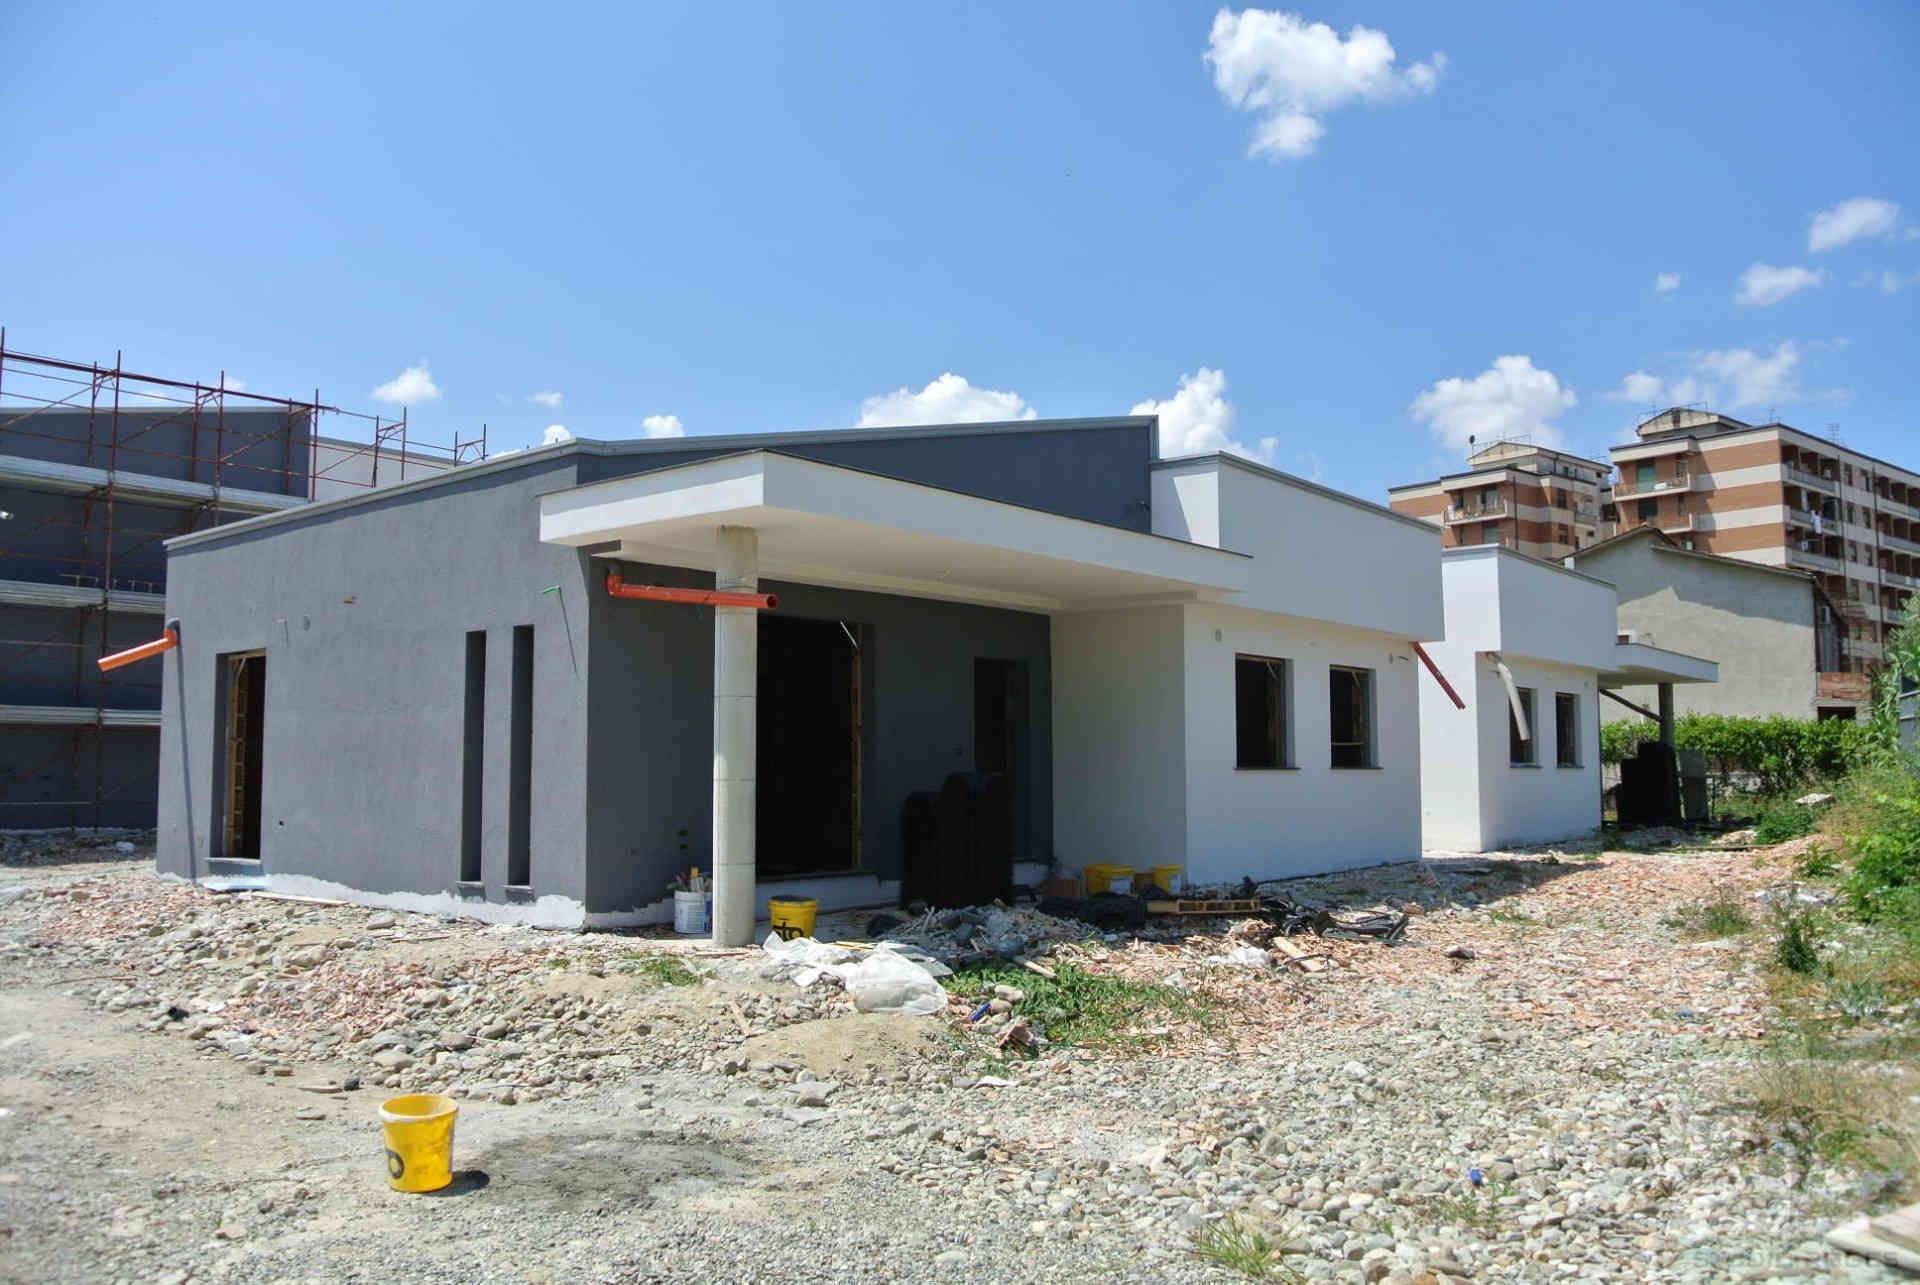 Villa in Vendita 138,83 mq - N. camere: 4 - - Rende - Quattromiglia (CS)